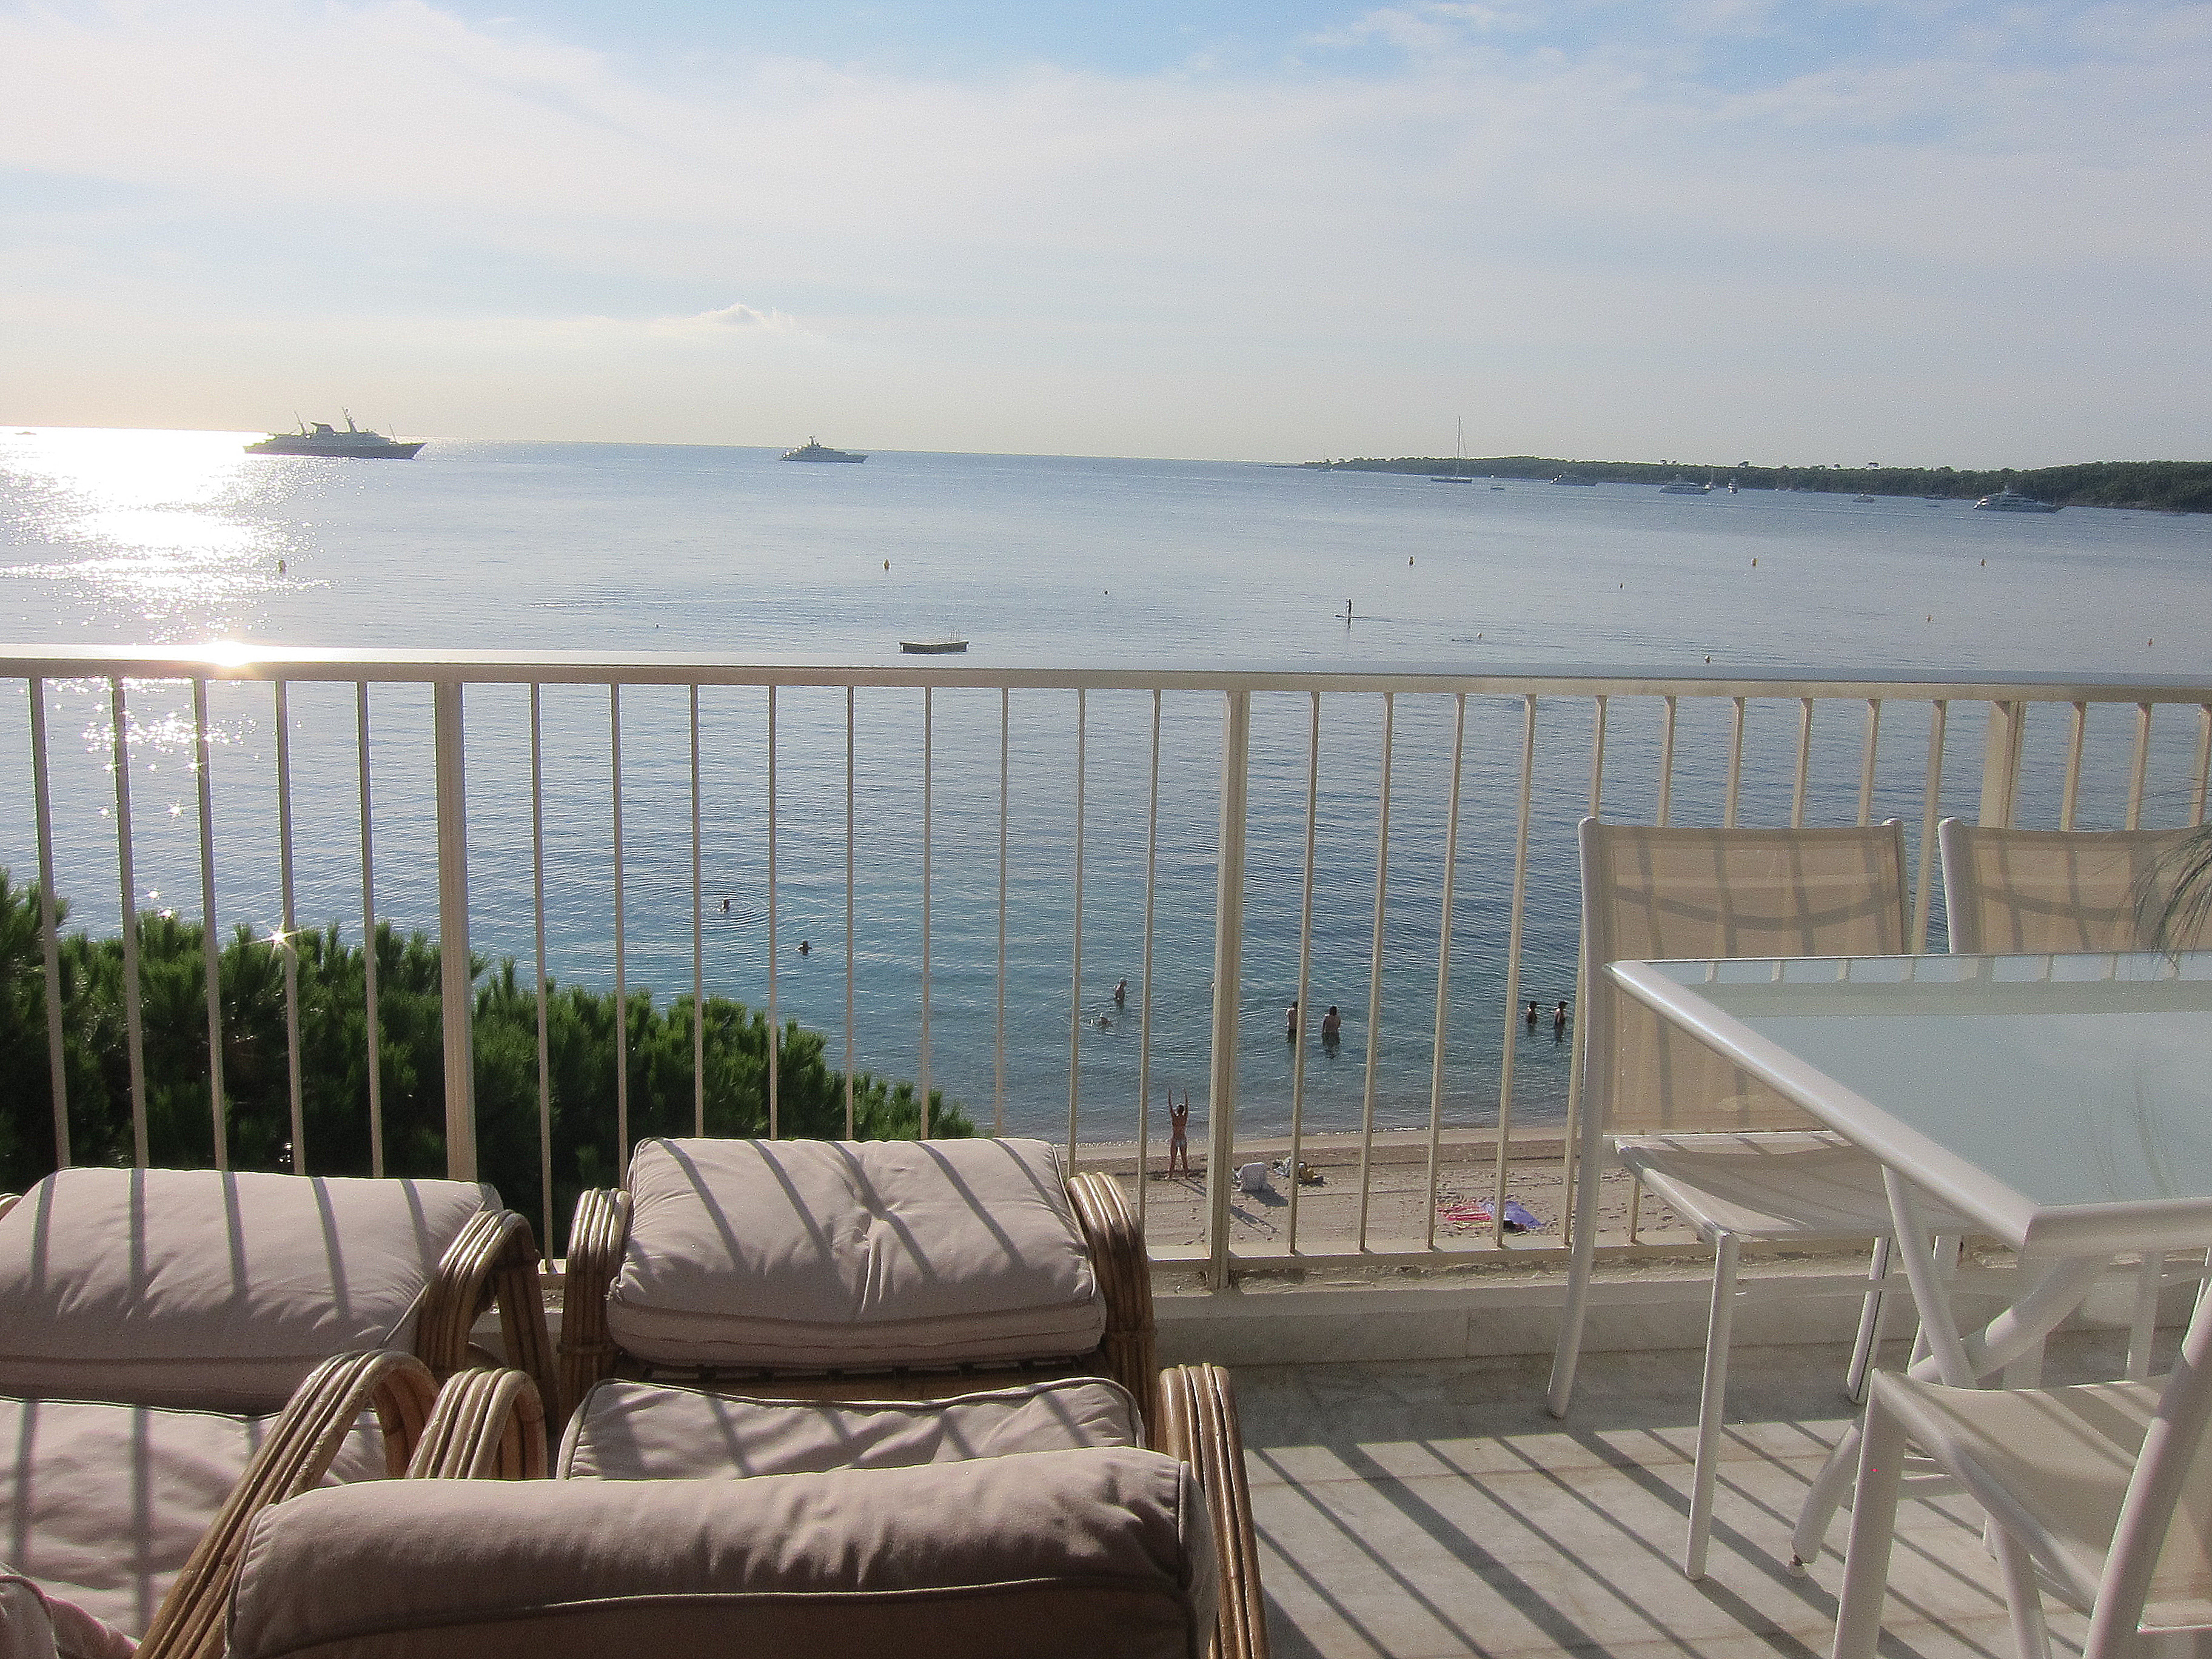 location vue mer cannes palm beach appartement vacances bord de plage. Black Bedroom Furniture Sets. Home Design Ideas